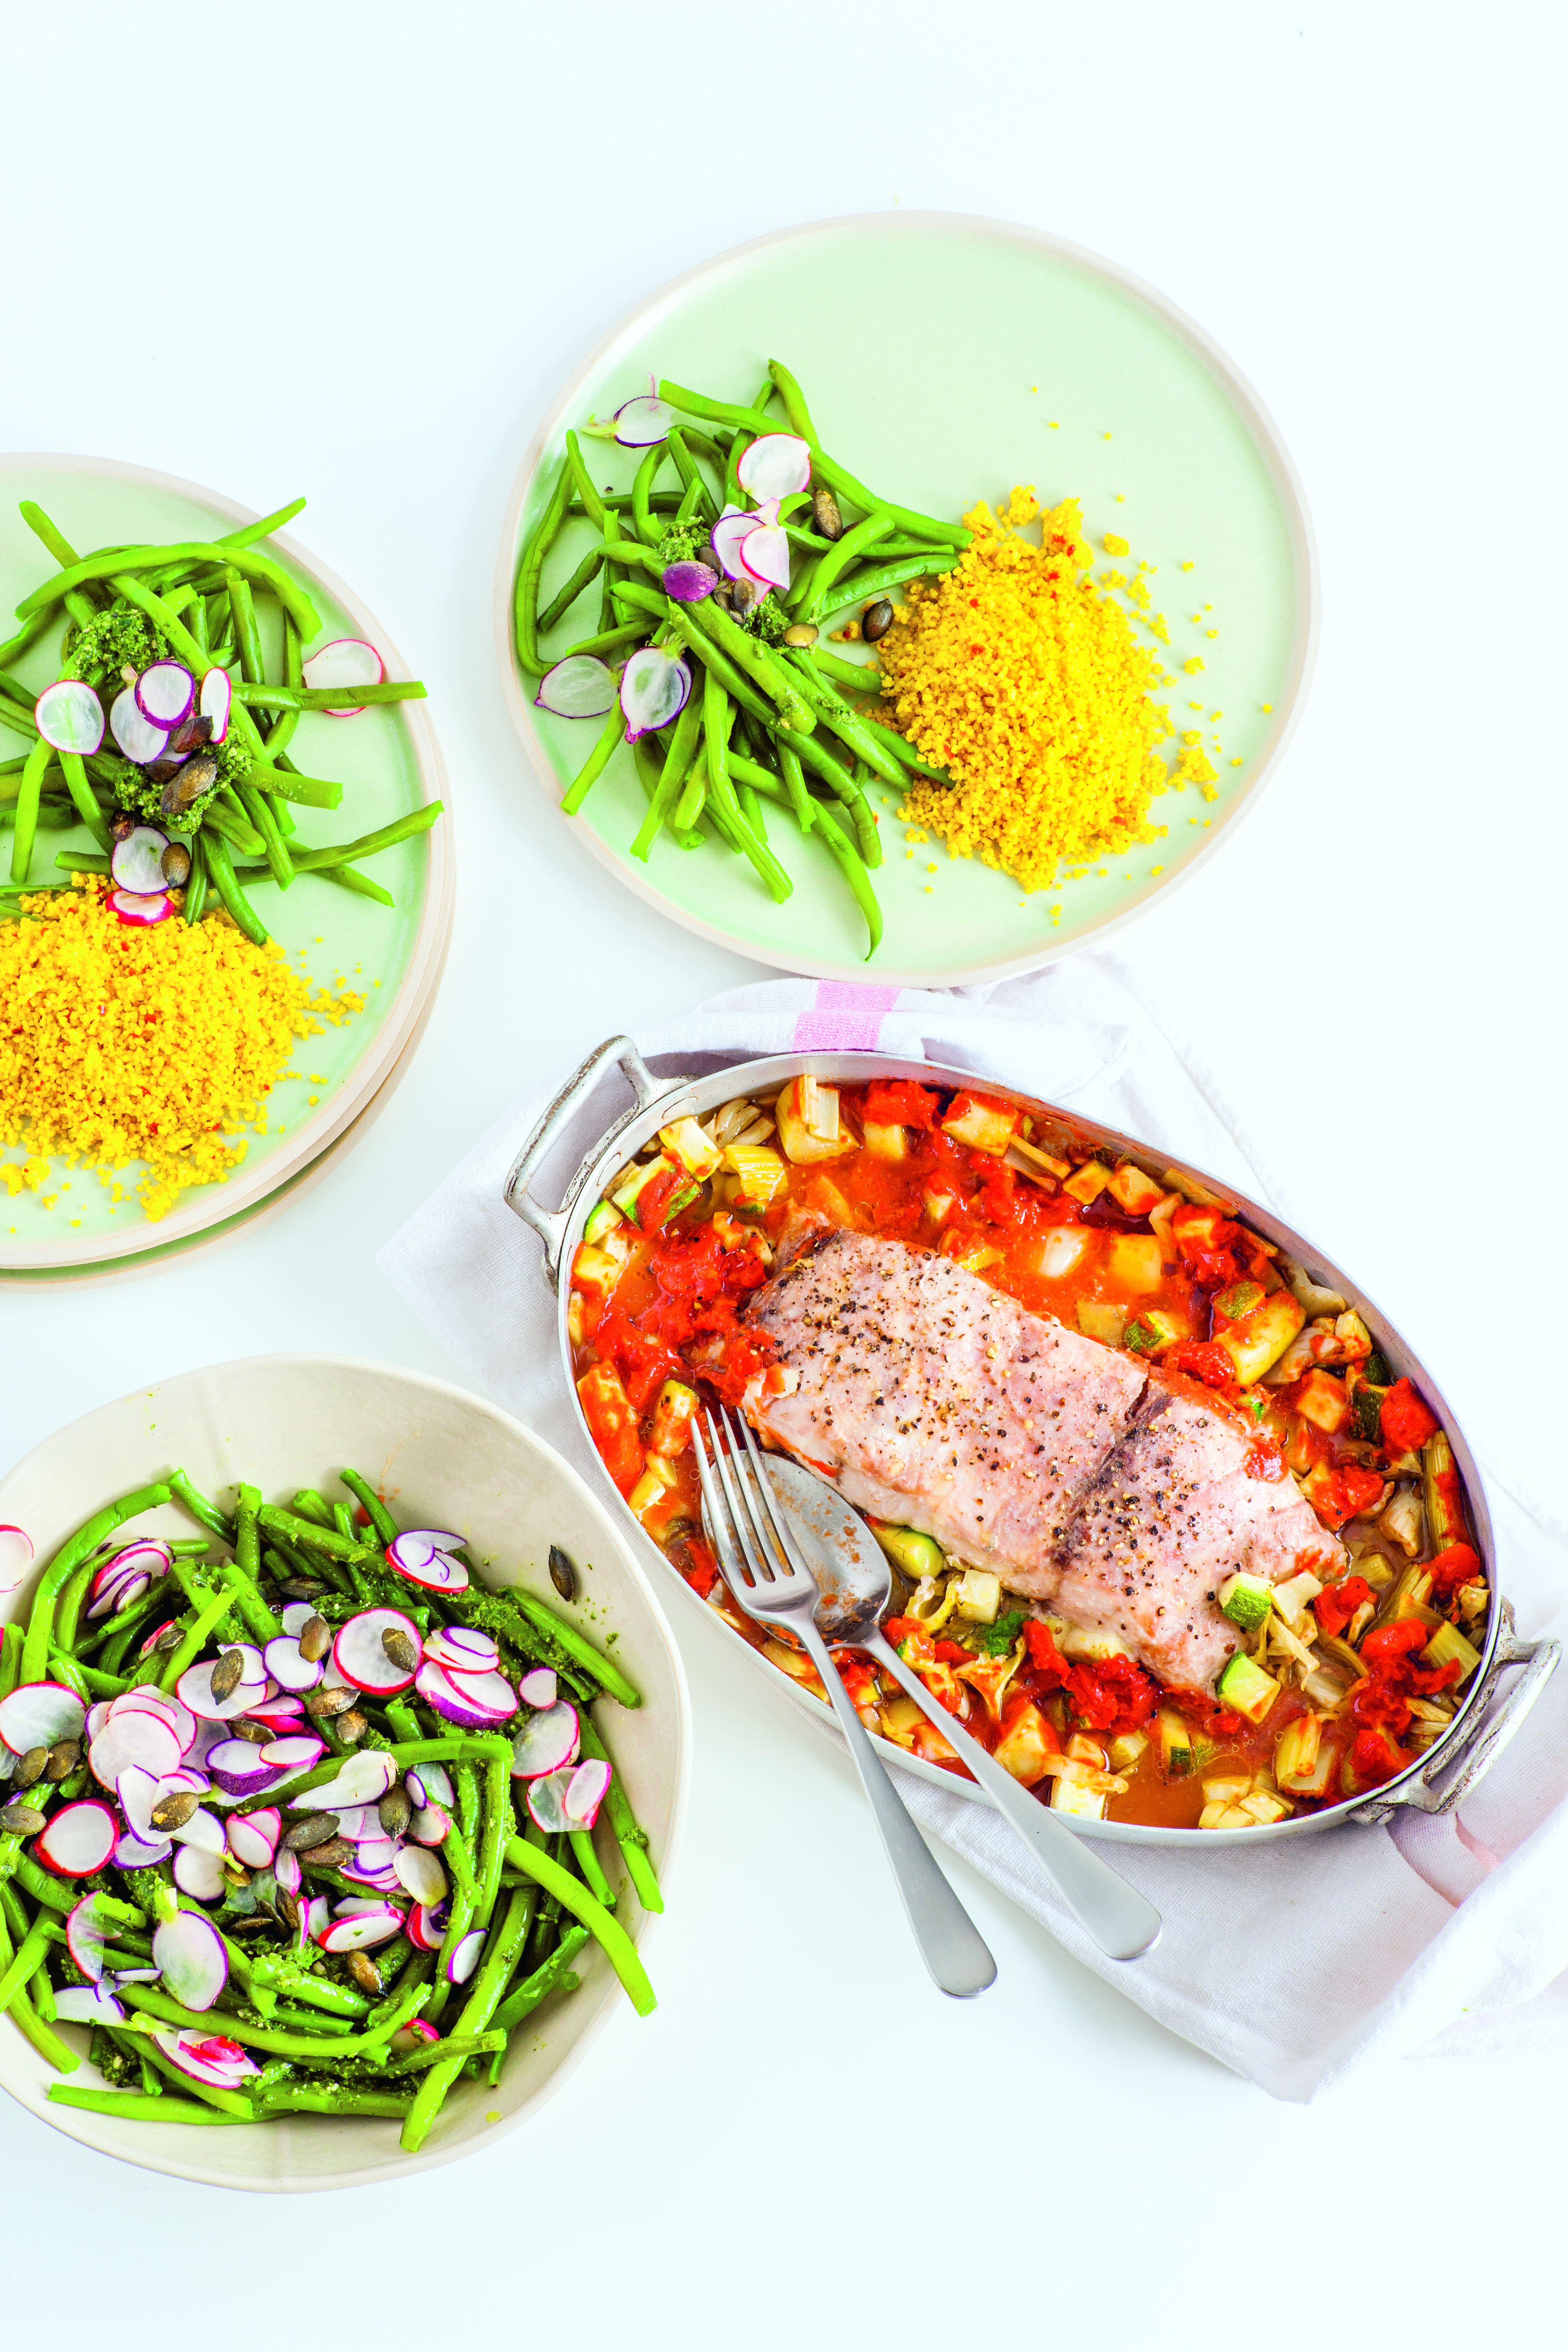 Seehecht, grüne Bohnen, Radieschen, Bulgur, Pesto aus dem Buch Sunday Meal Prep